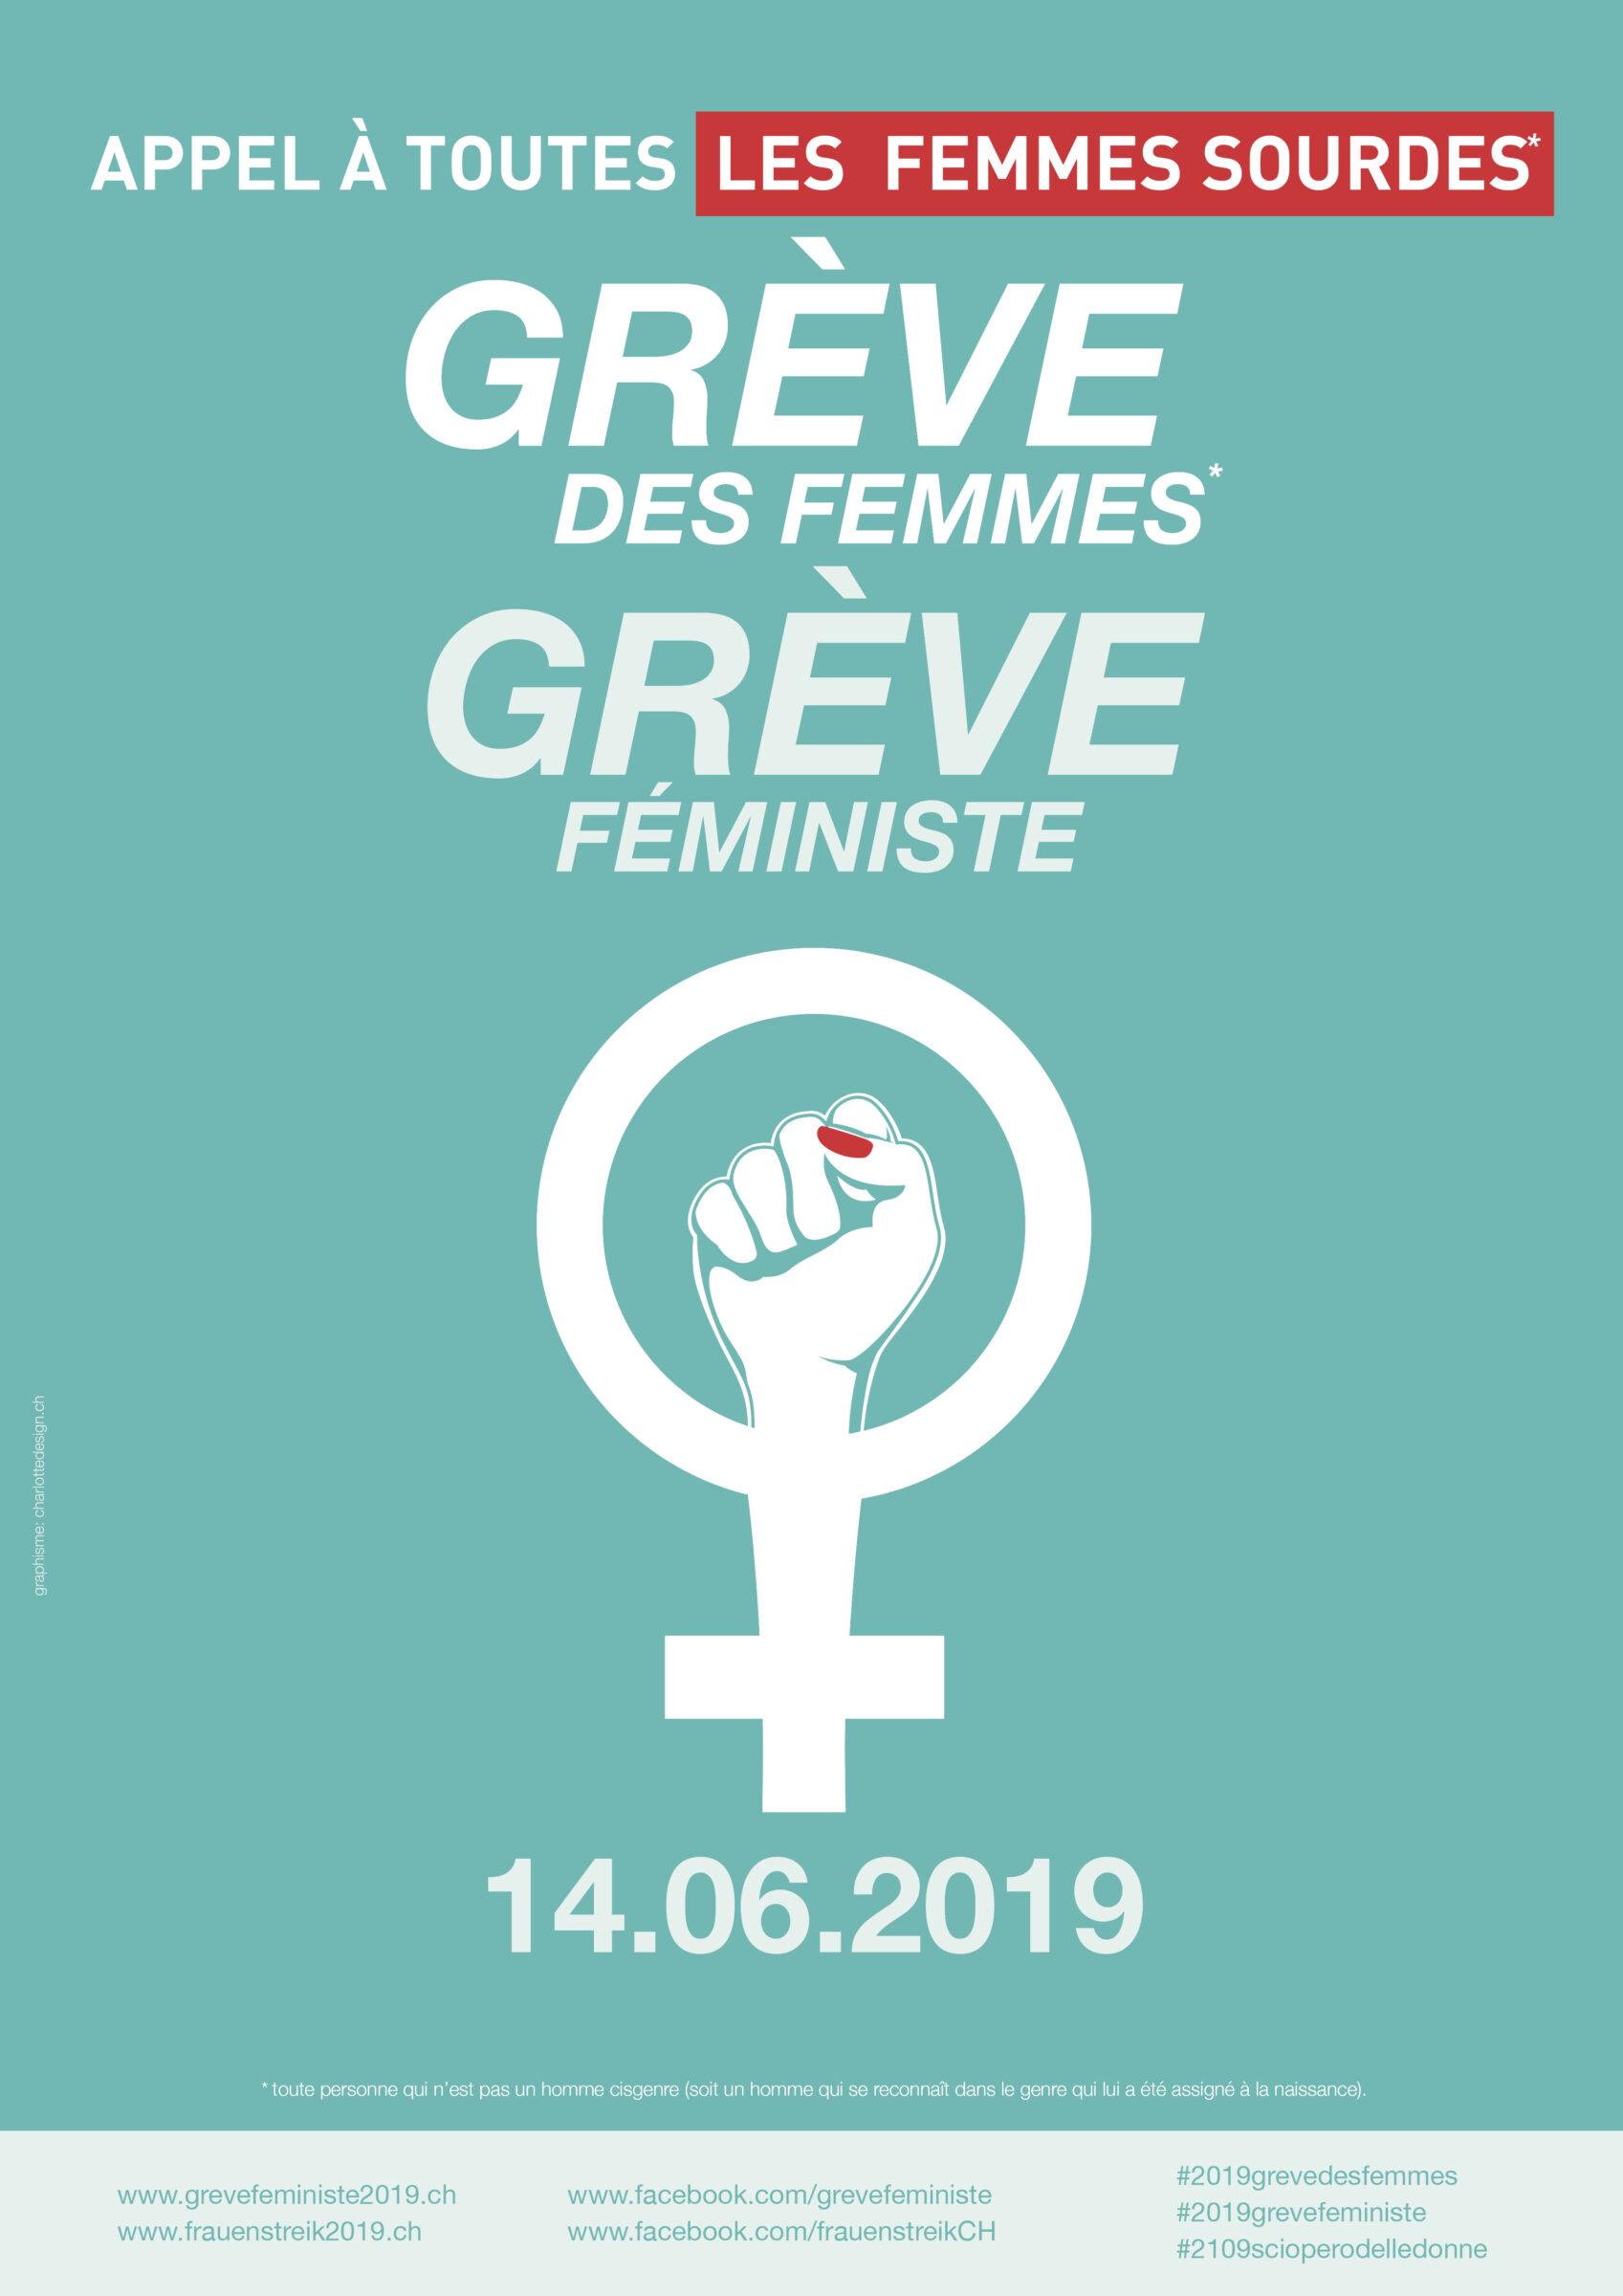 Plakat für den Streik am 16. 6. 2019: Appel à toutes les femmes sourdes pour la grève des femmes*/grève féministe du 14.06.2019